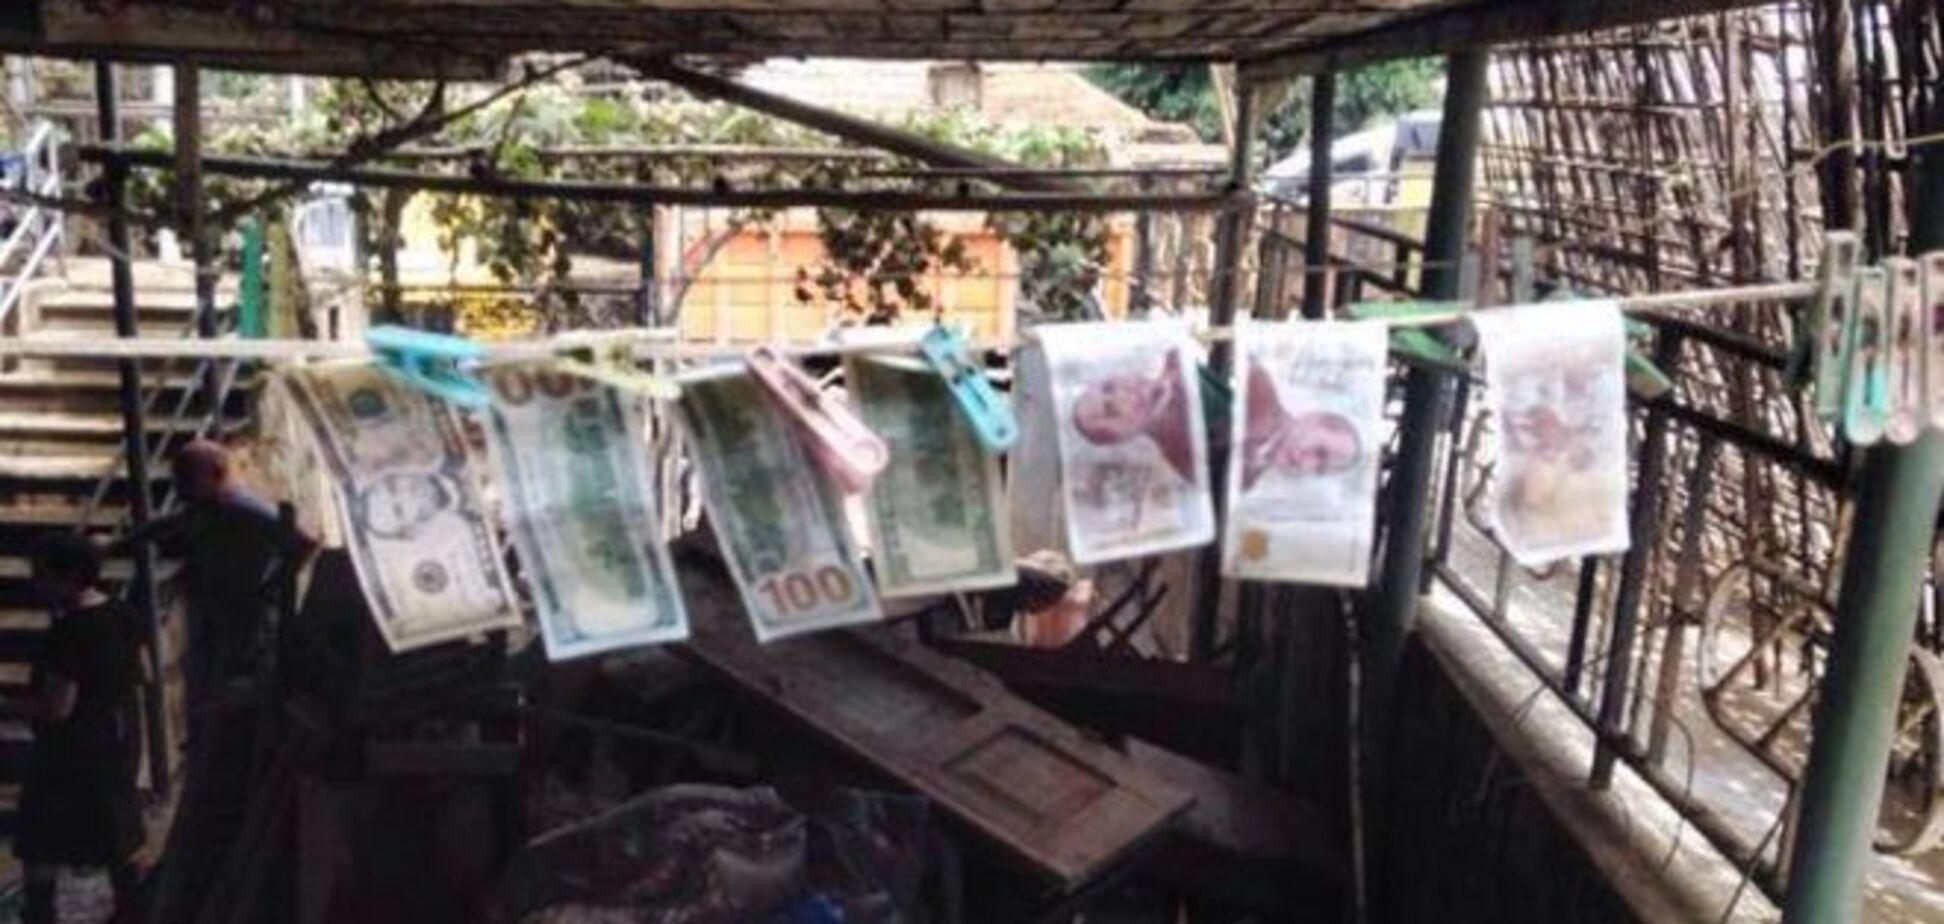 Повінь у Тбілісі. Власнику зруйнованого будинку повернули висушені гроші: фотофакт